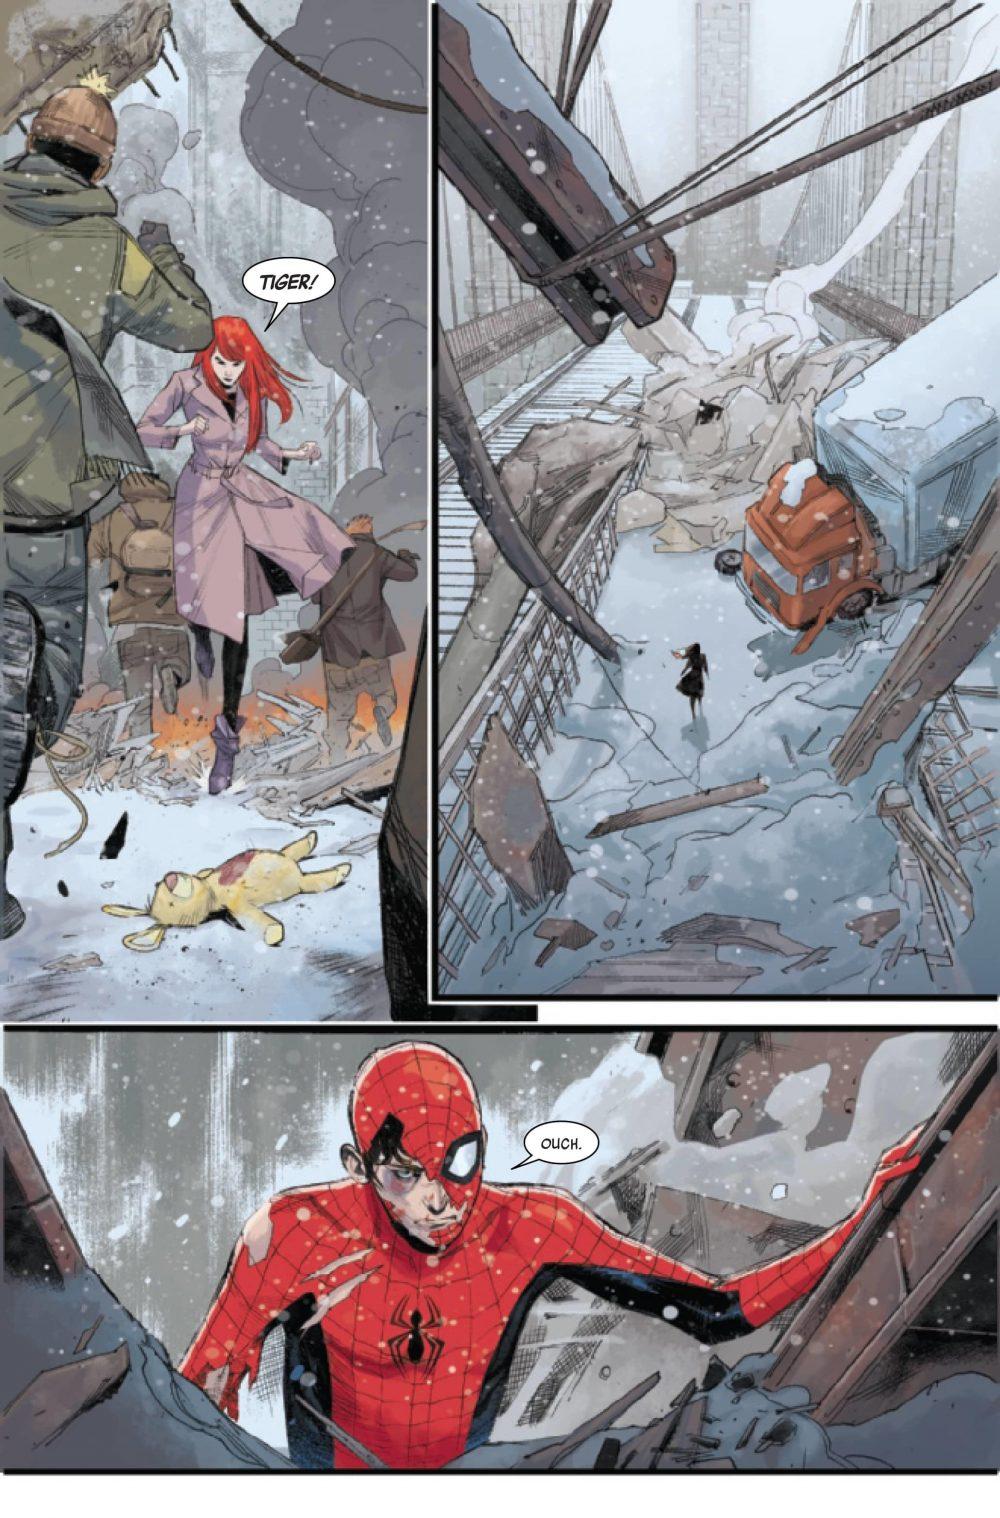 Spider-Man #1, anteprima 02